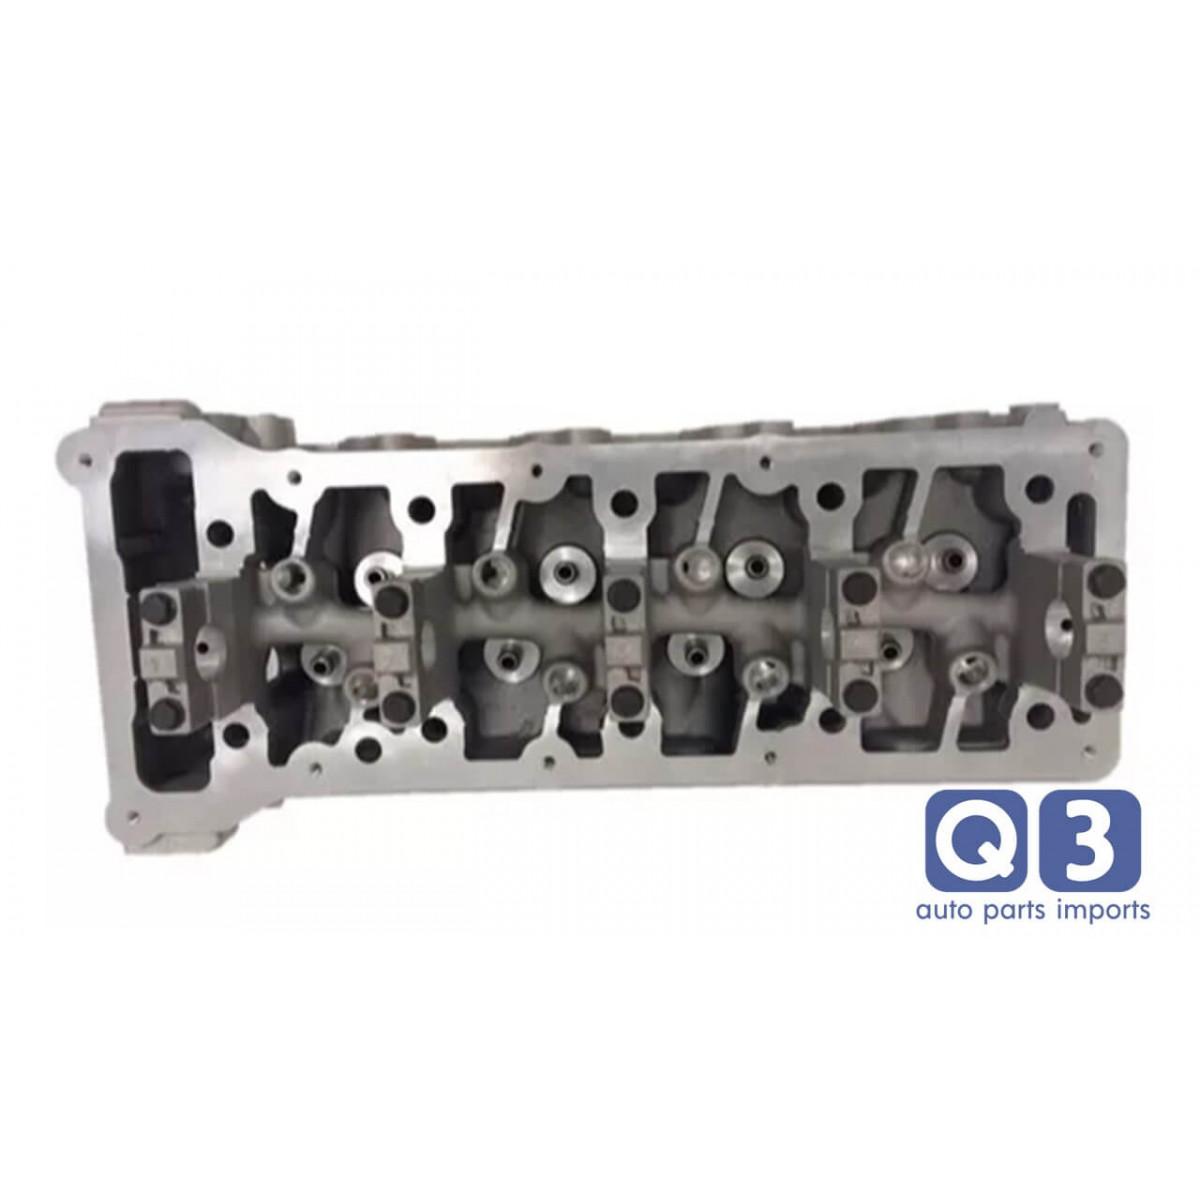 Cabeçote Motor Zetec Rocam 1.0 8V Gasolina/Flex de 2000 até 2014